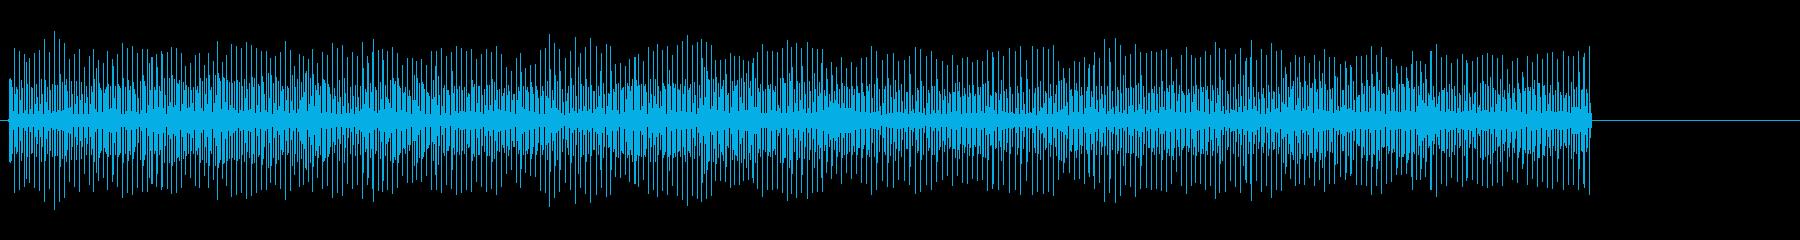 迅速なクリックで卵タイマー。の再生済みの波形